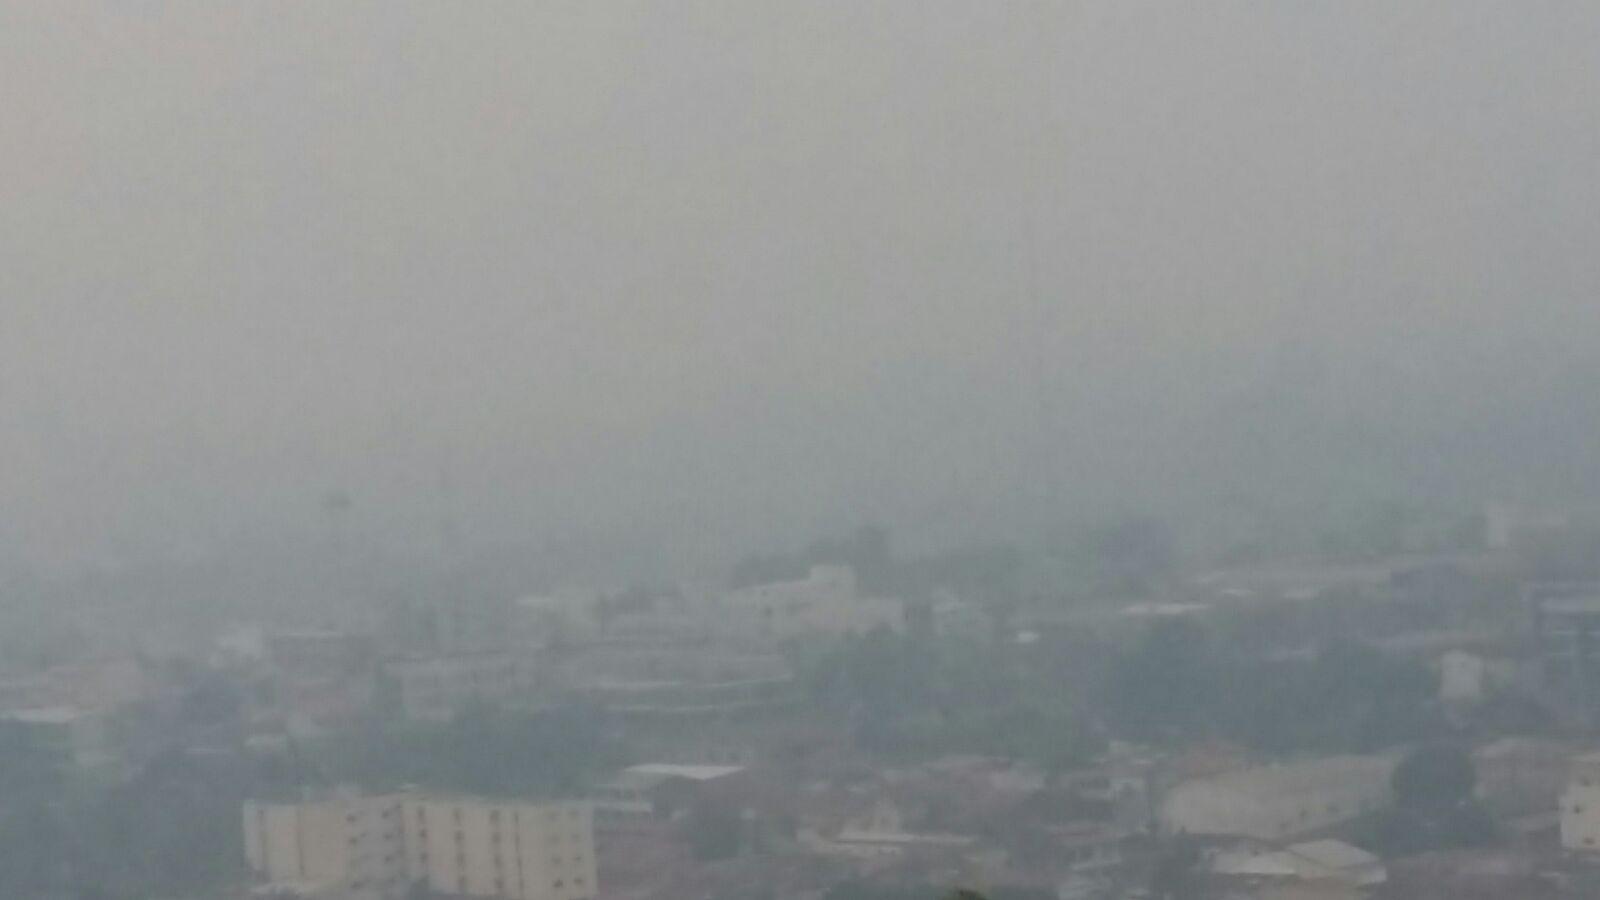 Fumaça toma conta do céu de Parauapebas